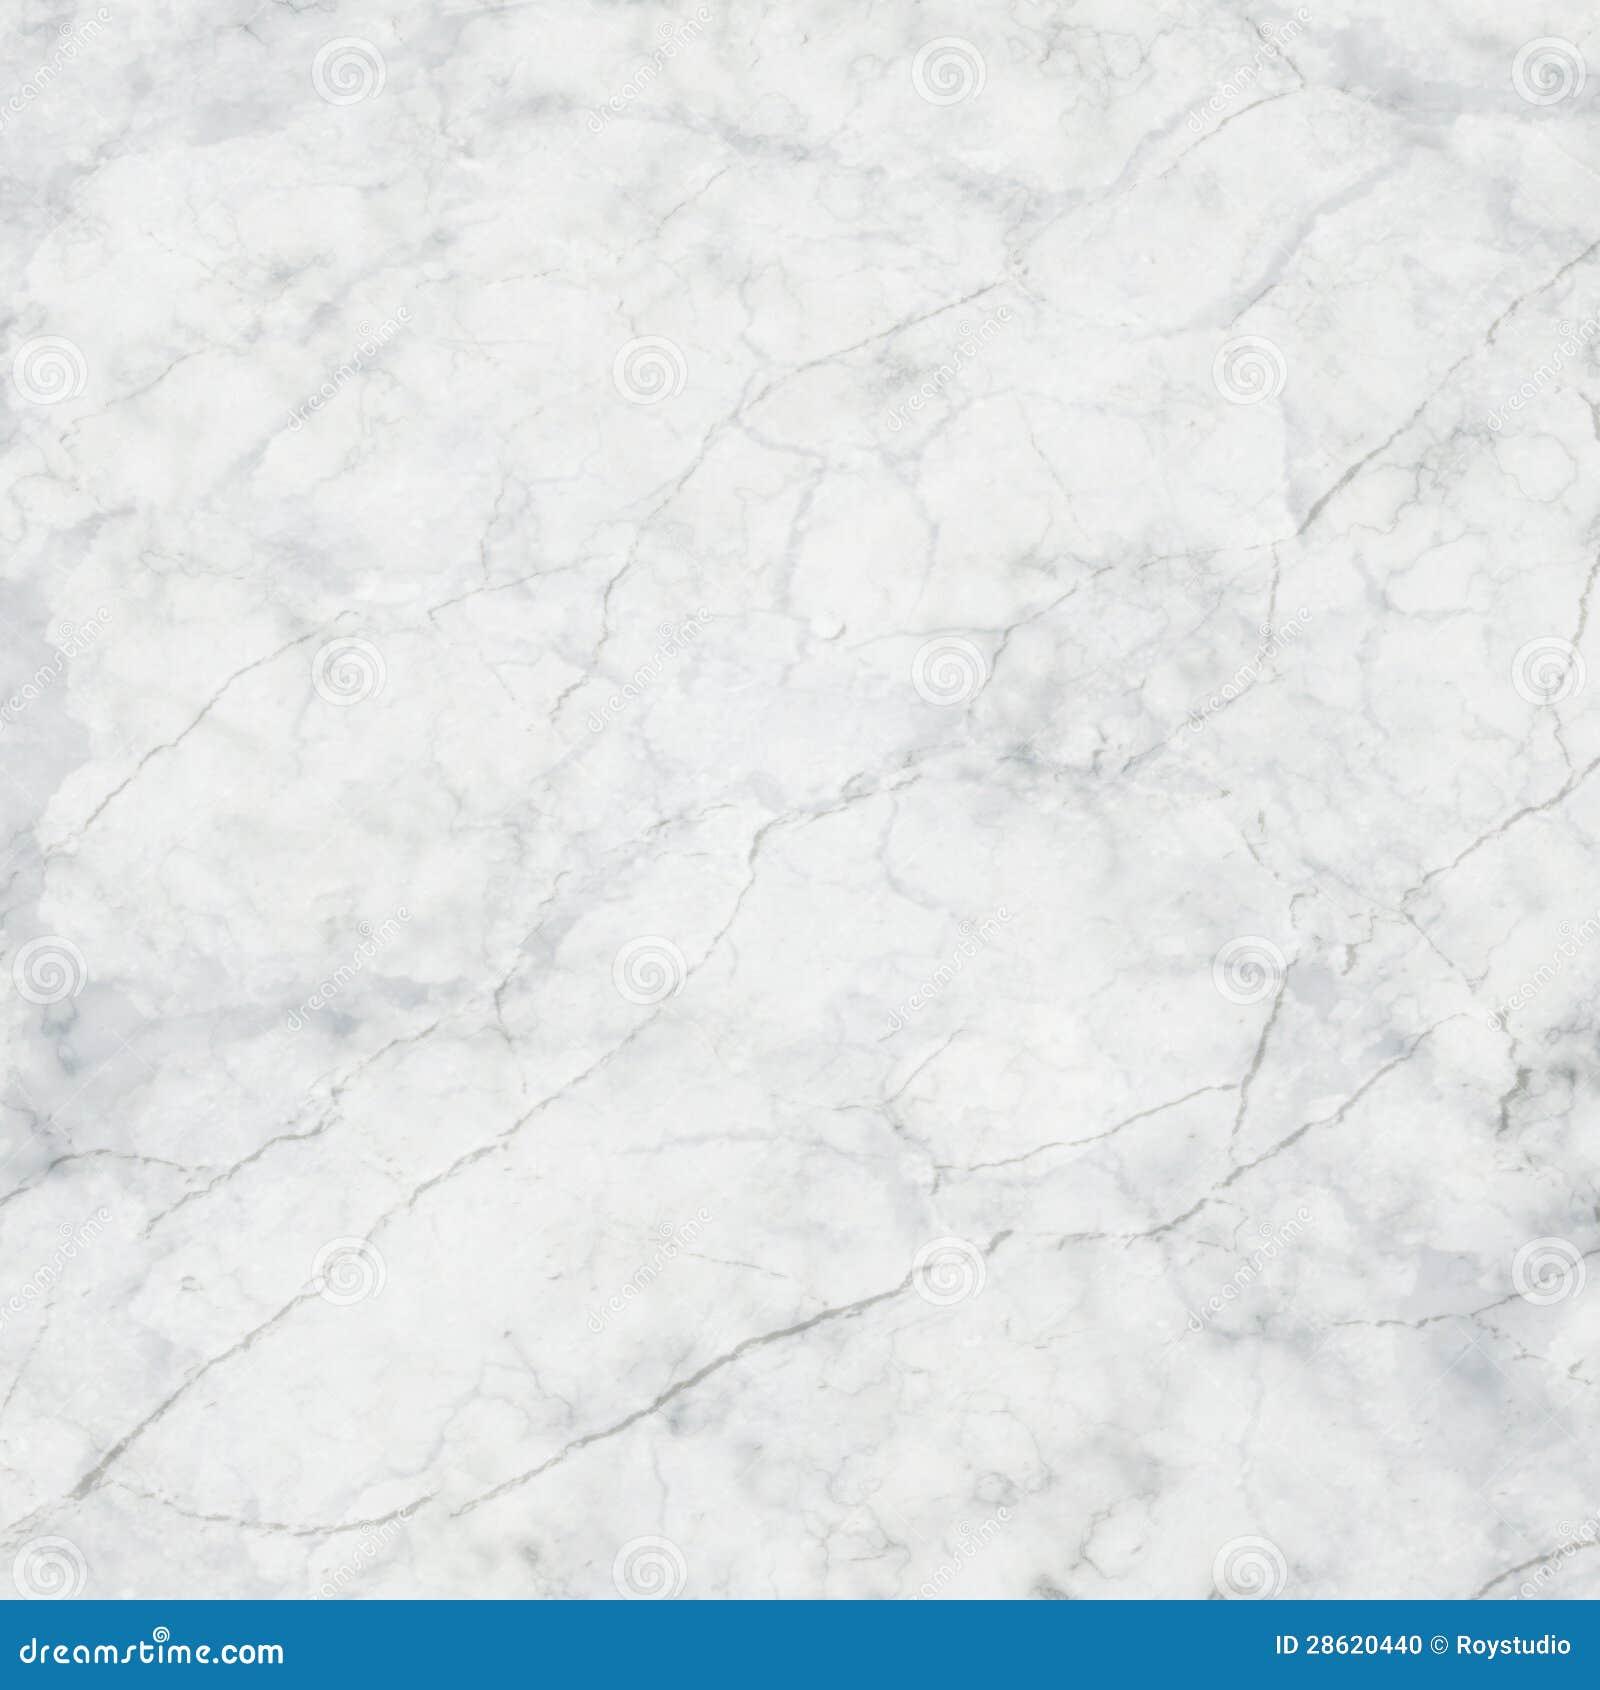 Fondo blanco del m rmol de la textura de la pared foto de for Textura de marmol blanco